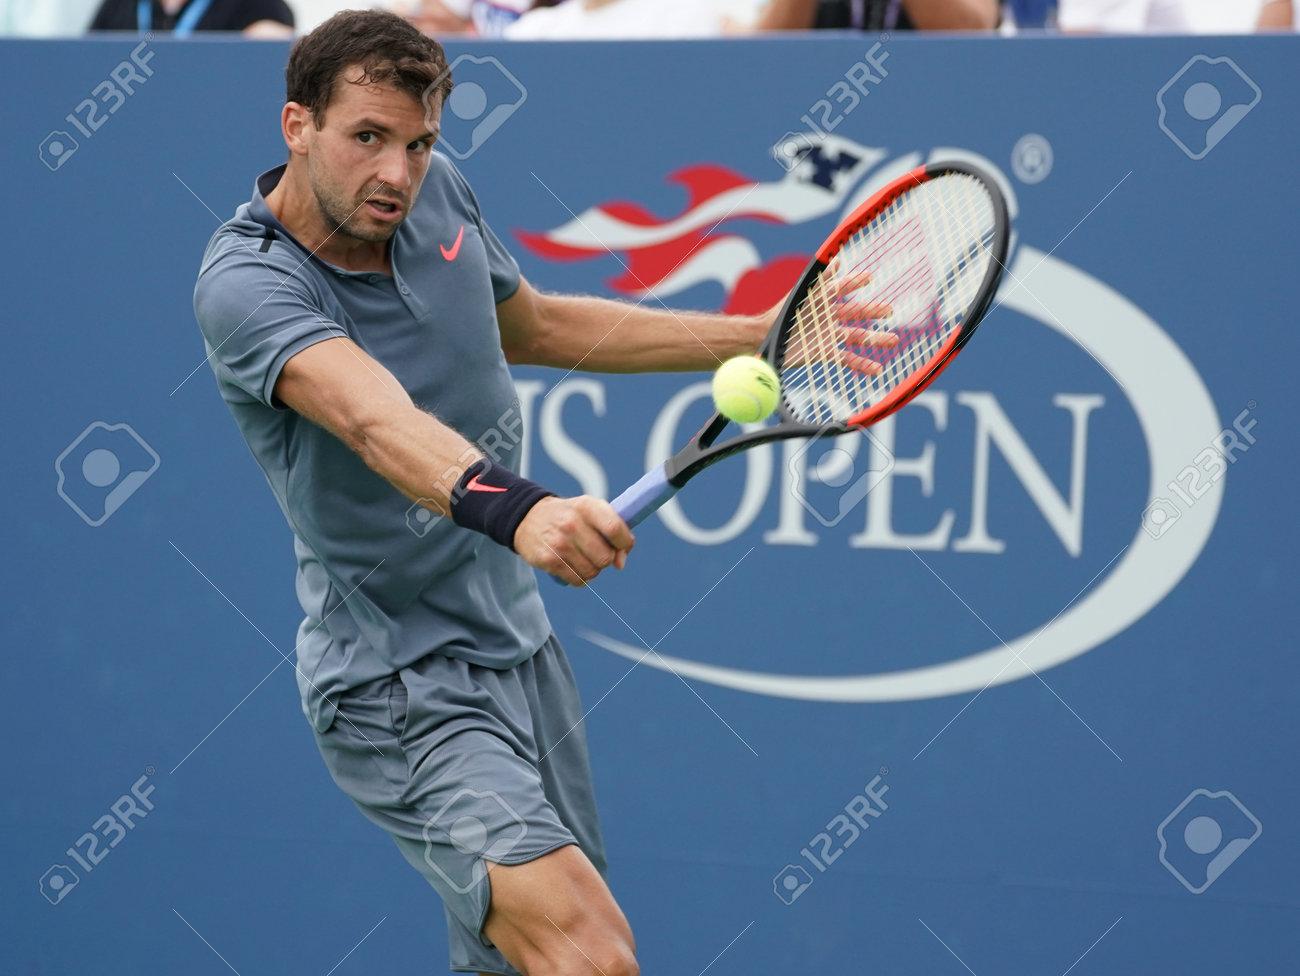 NUEVA YORK 31 de agosto de 2017: Jugador de tenis profesional Grigor Dimitrov de Bulgaria en acción durante su partido de US Open 2017 segunda ronda